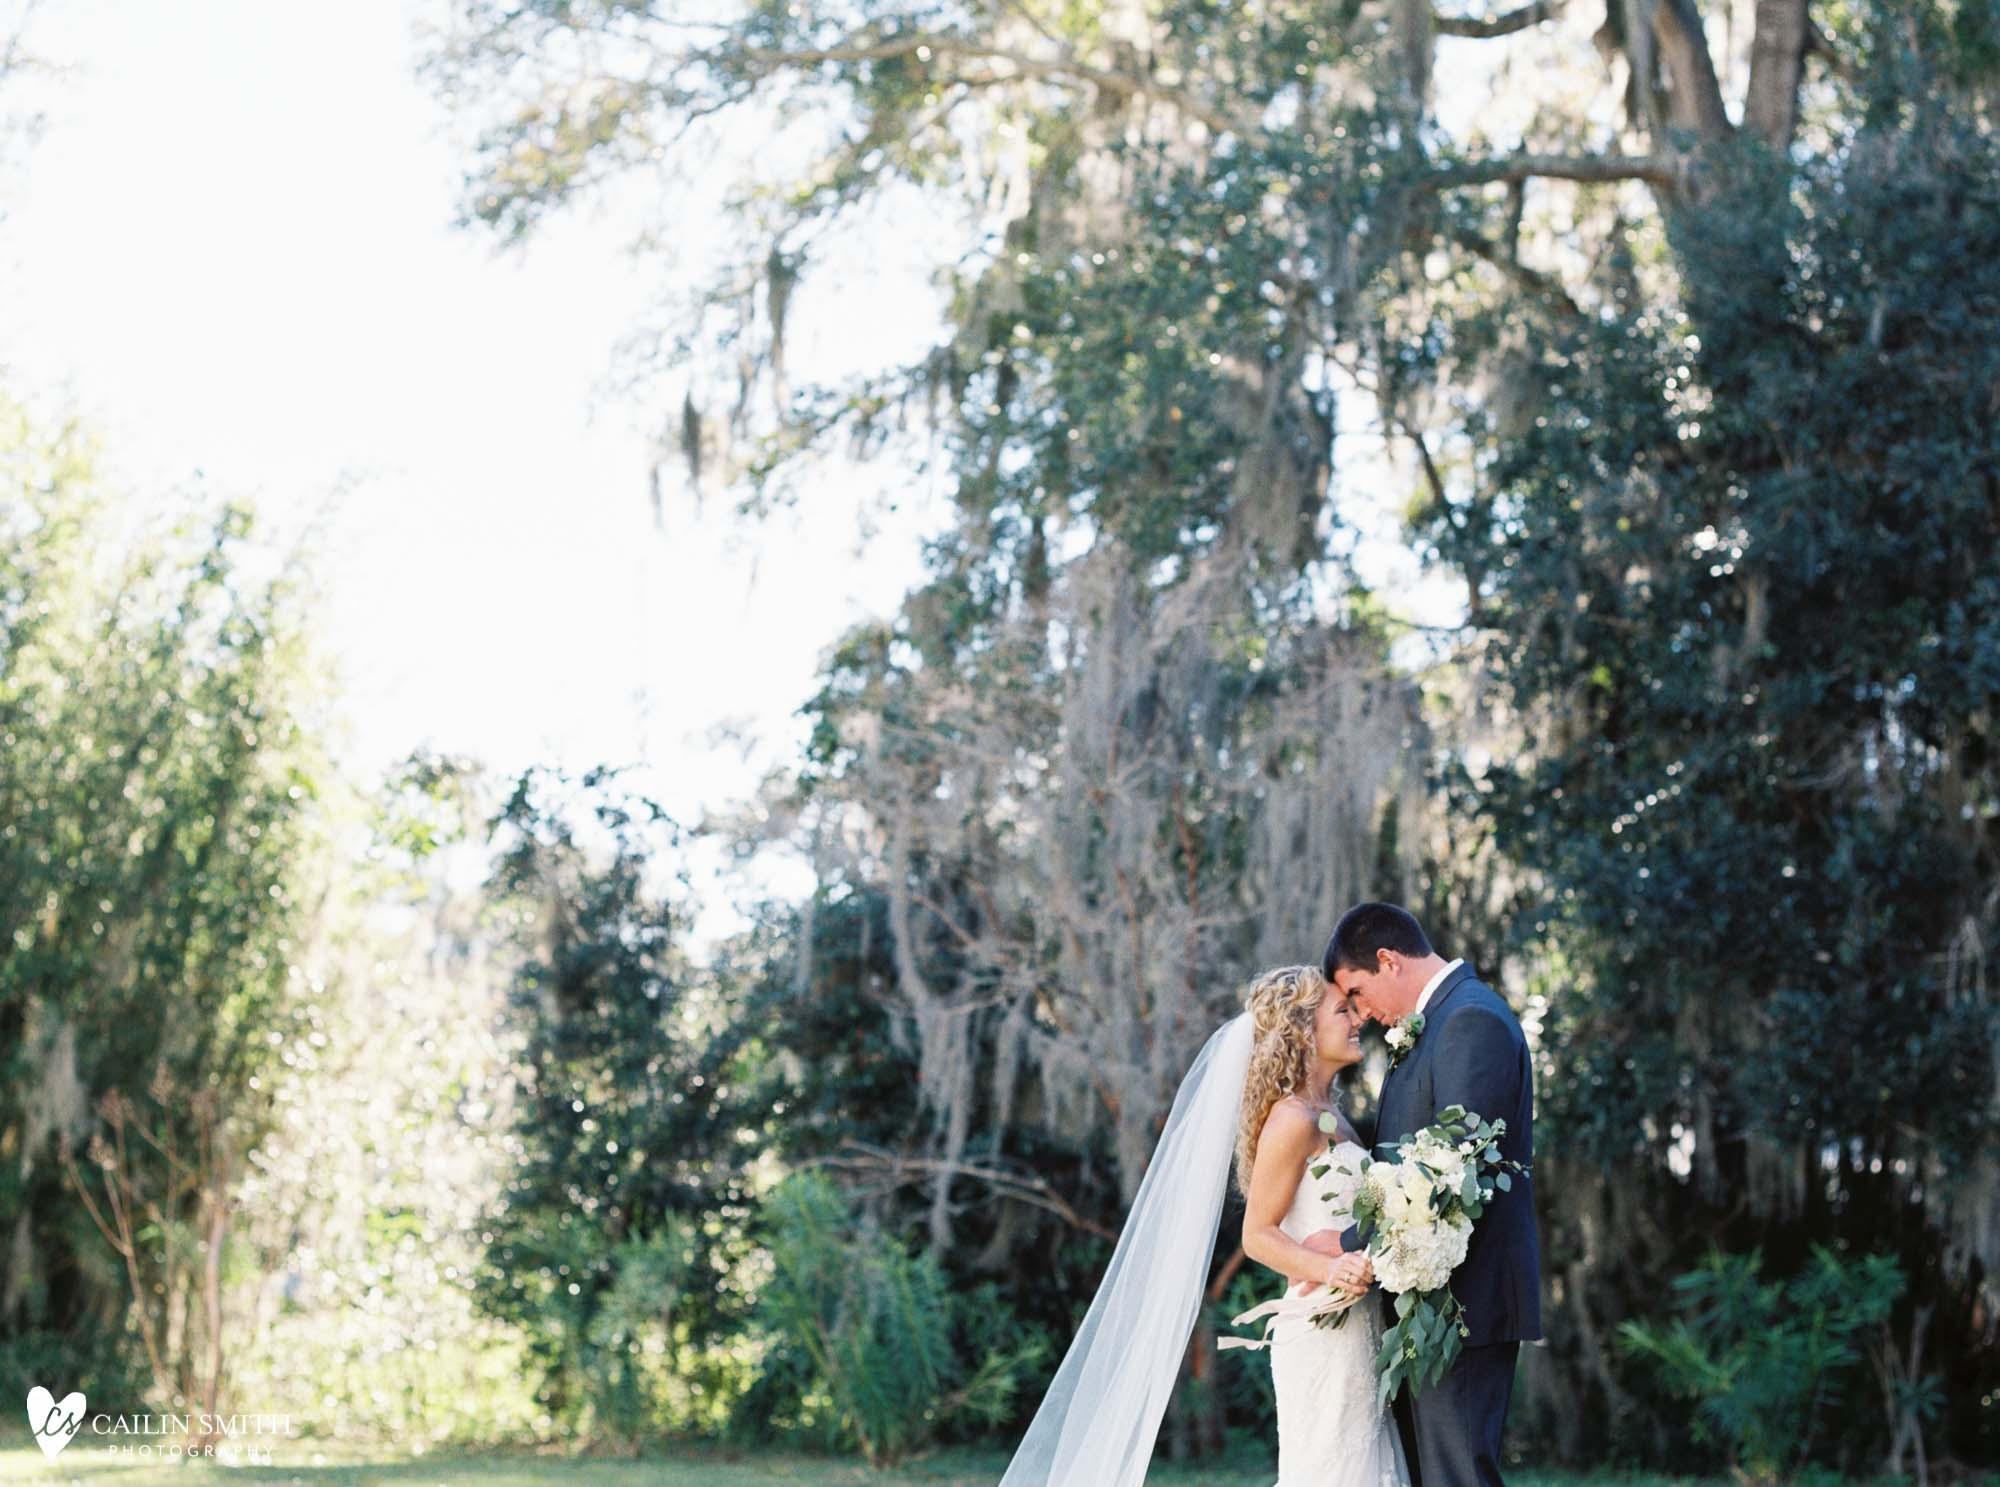 Leah_Major_St_Marys_Wedding_Photography_047.jpg